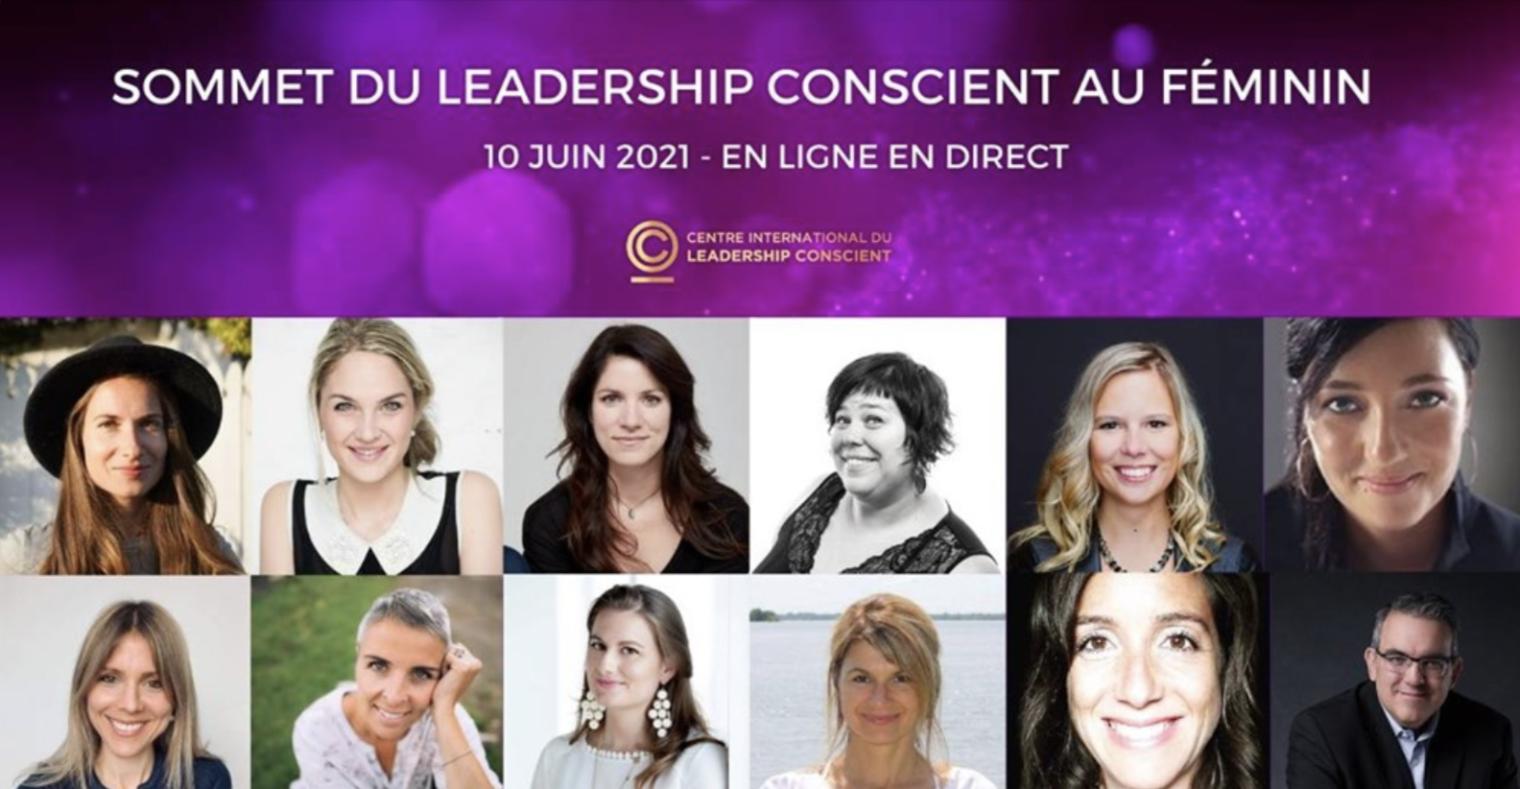 Sommet du Leadership Conscient au féminin